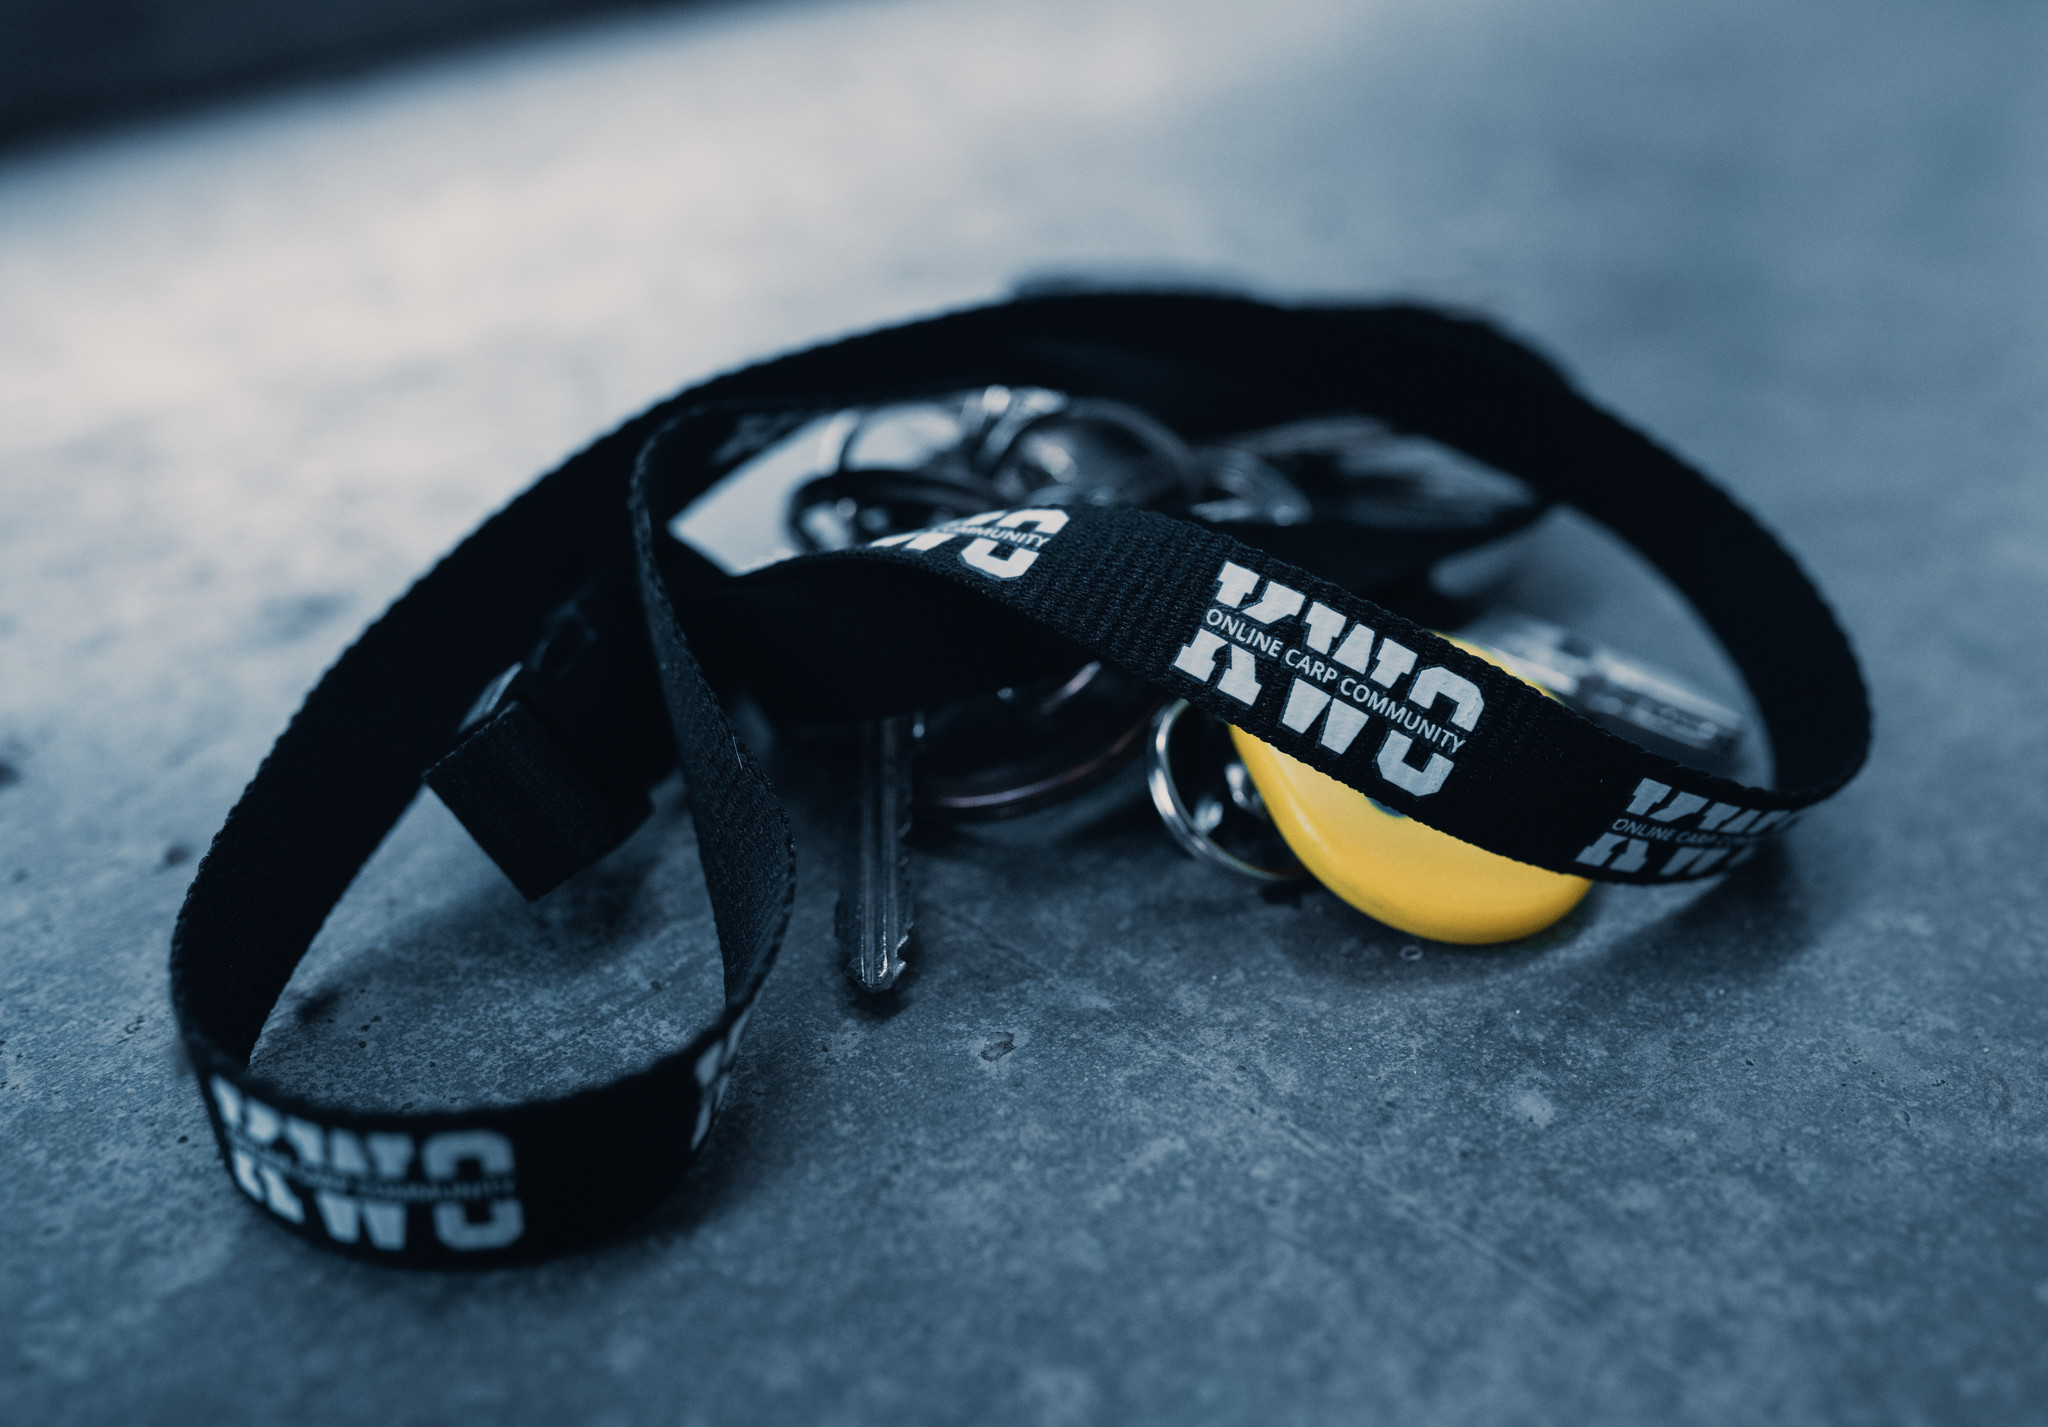 KWO Keycord